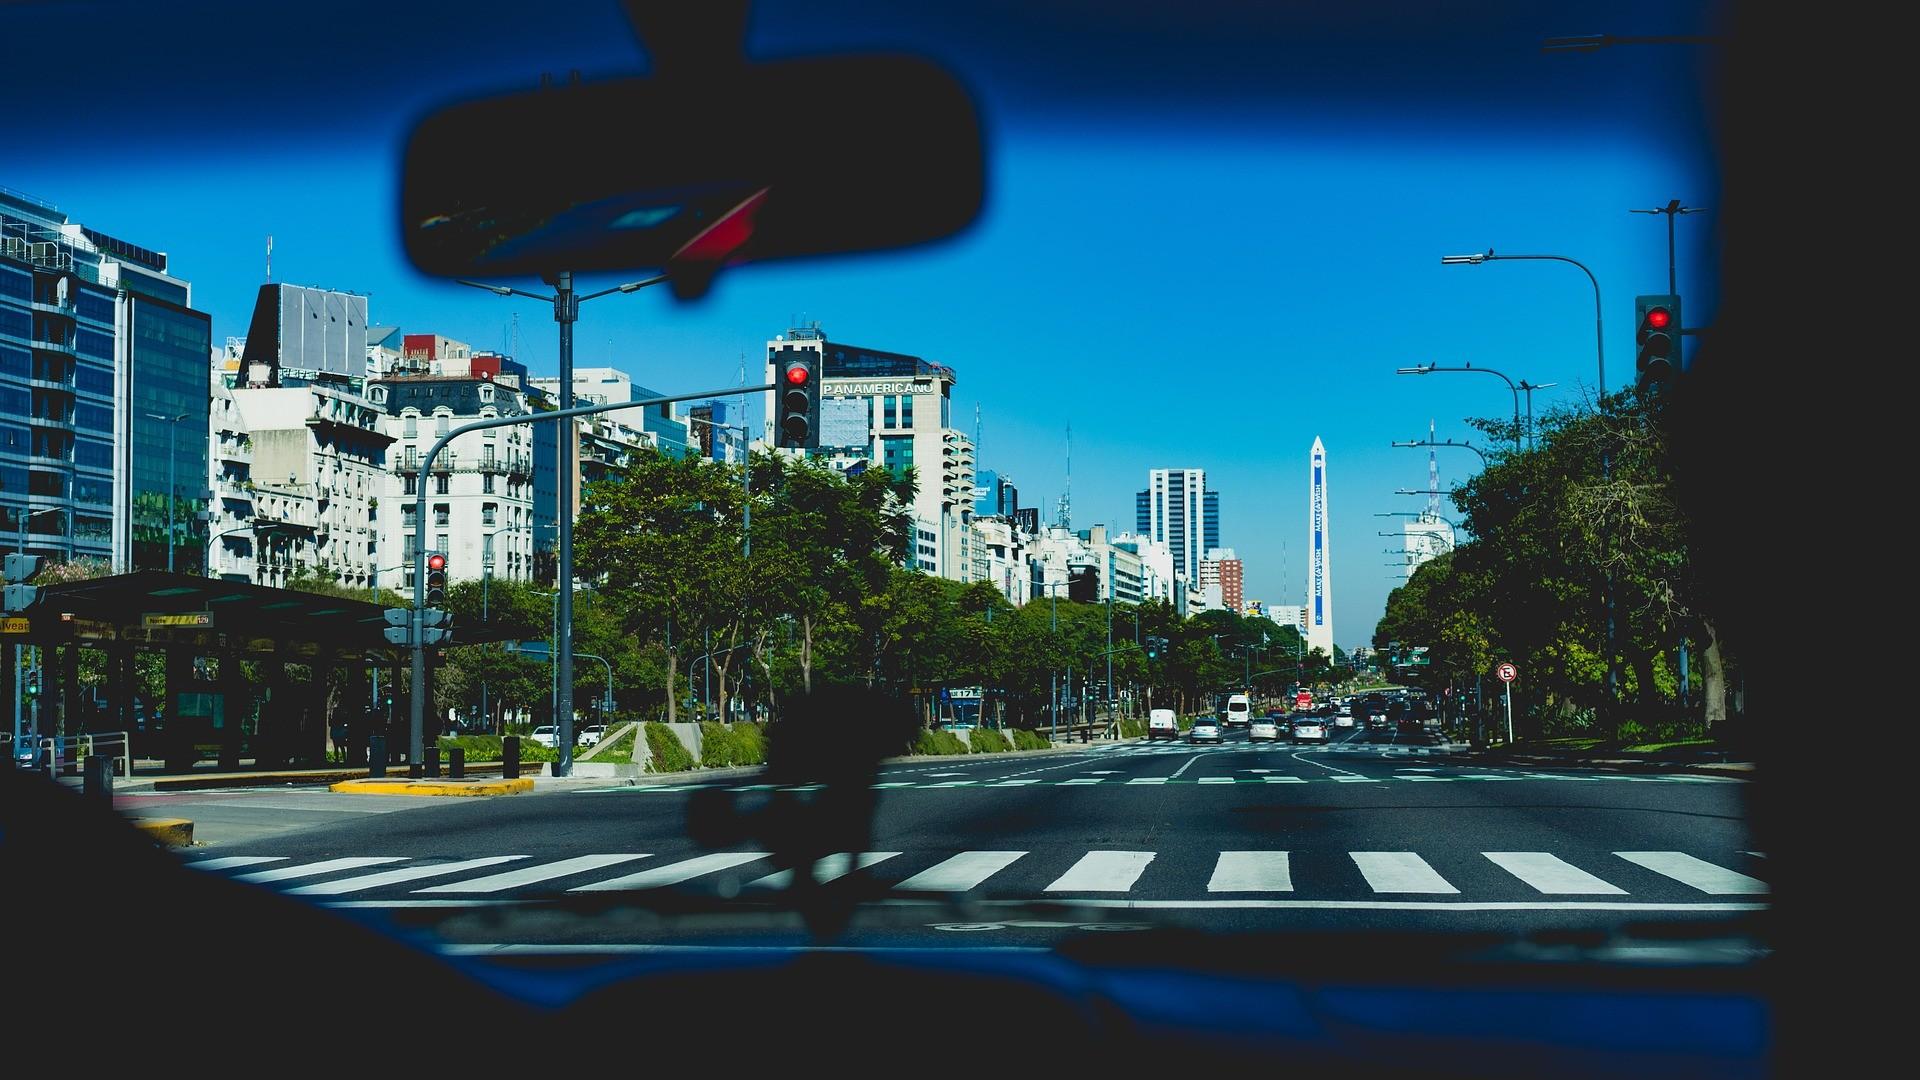 ▲▼車禍,斑馬線,馬路,交通規則。(圖/pixabay)